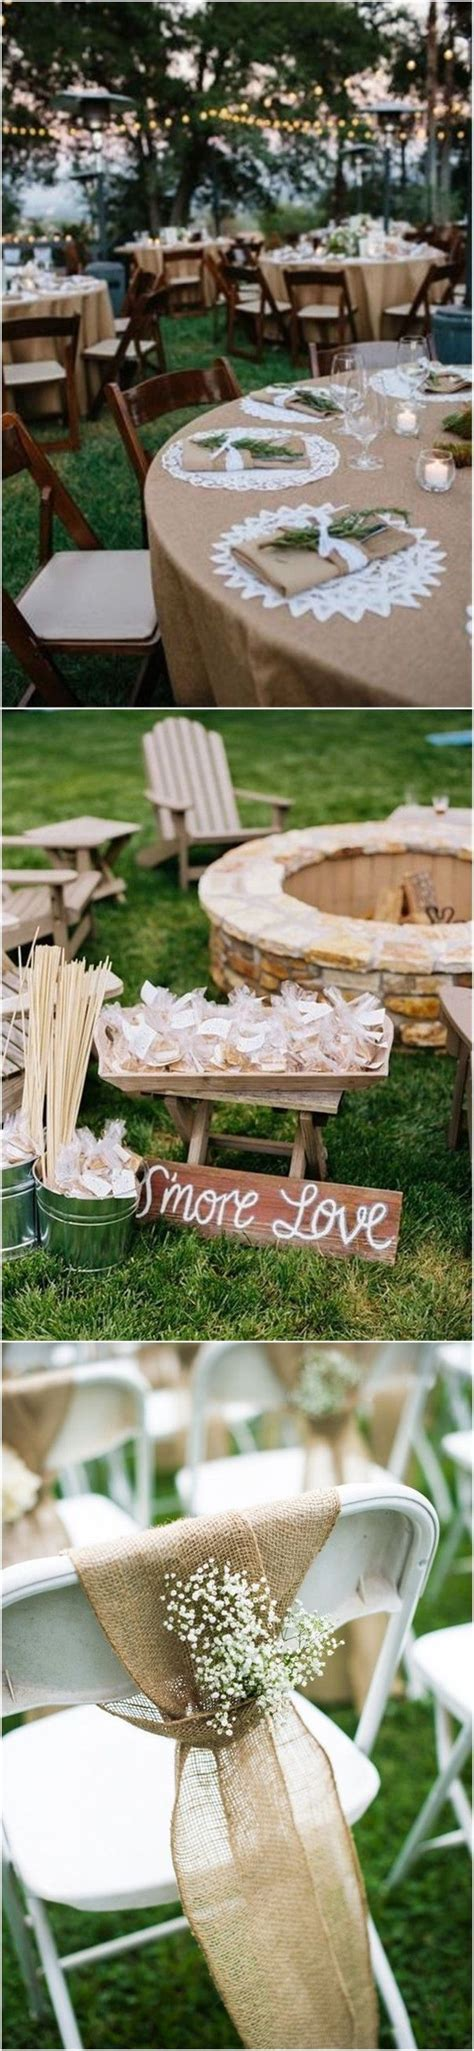 Cheap Backyard Wedding Ideas Best 25 Cheap Backyard Wedding Ideas On Pinterest Cheap Wedding Food Budget Wedding